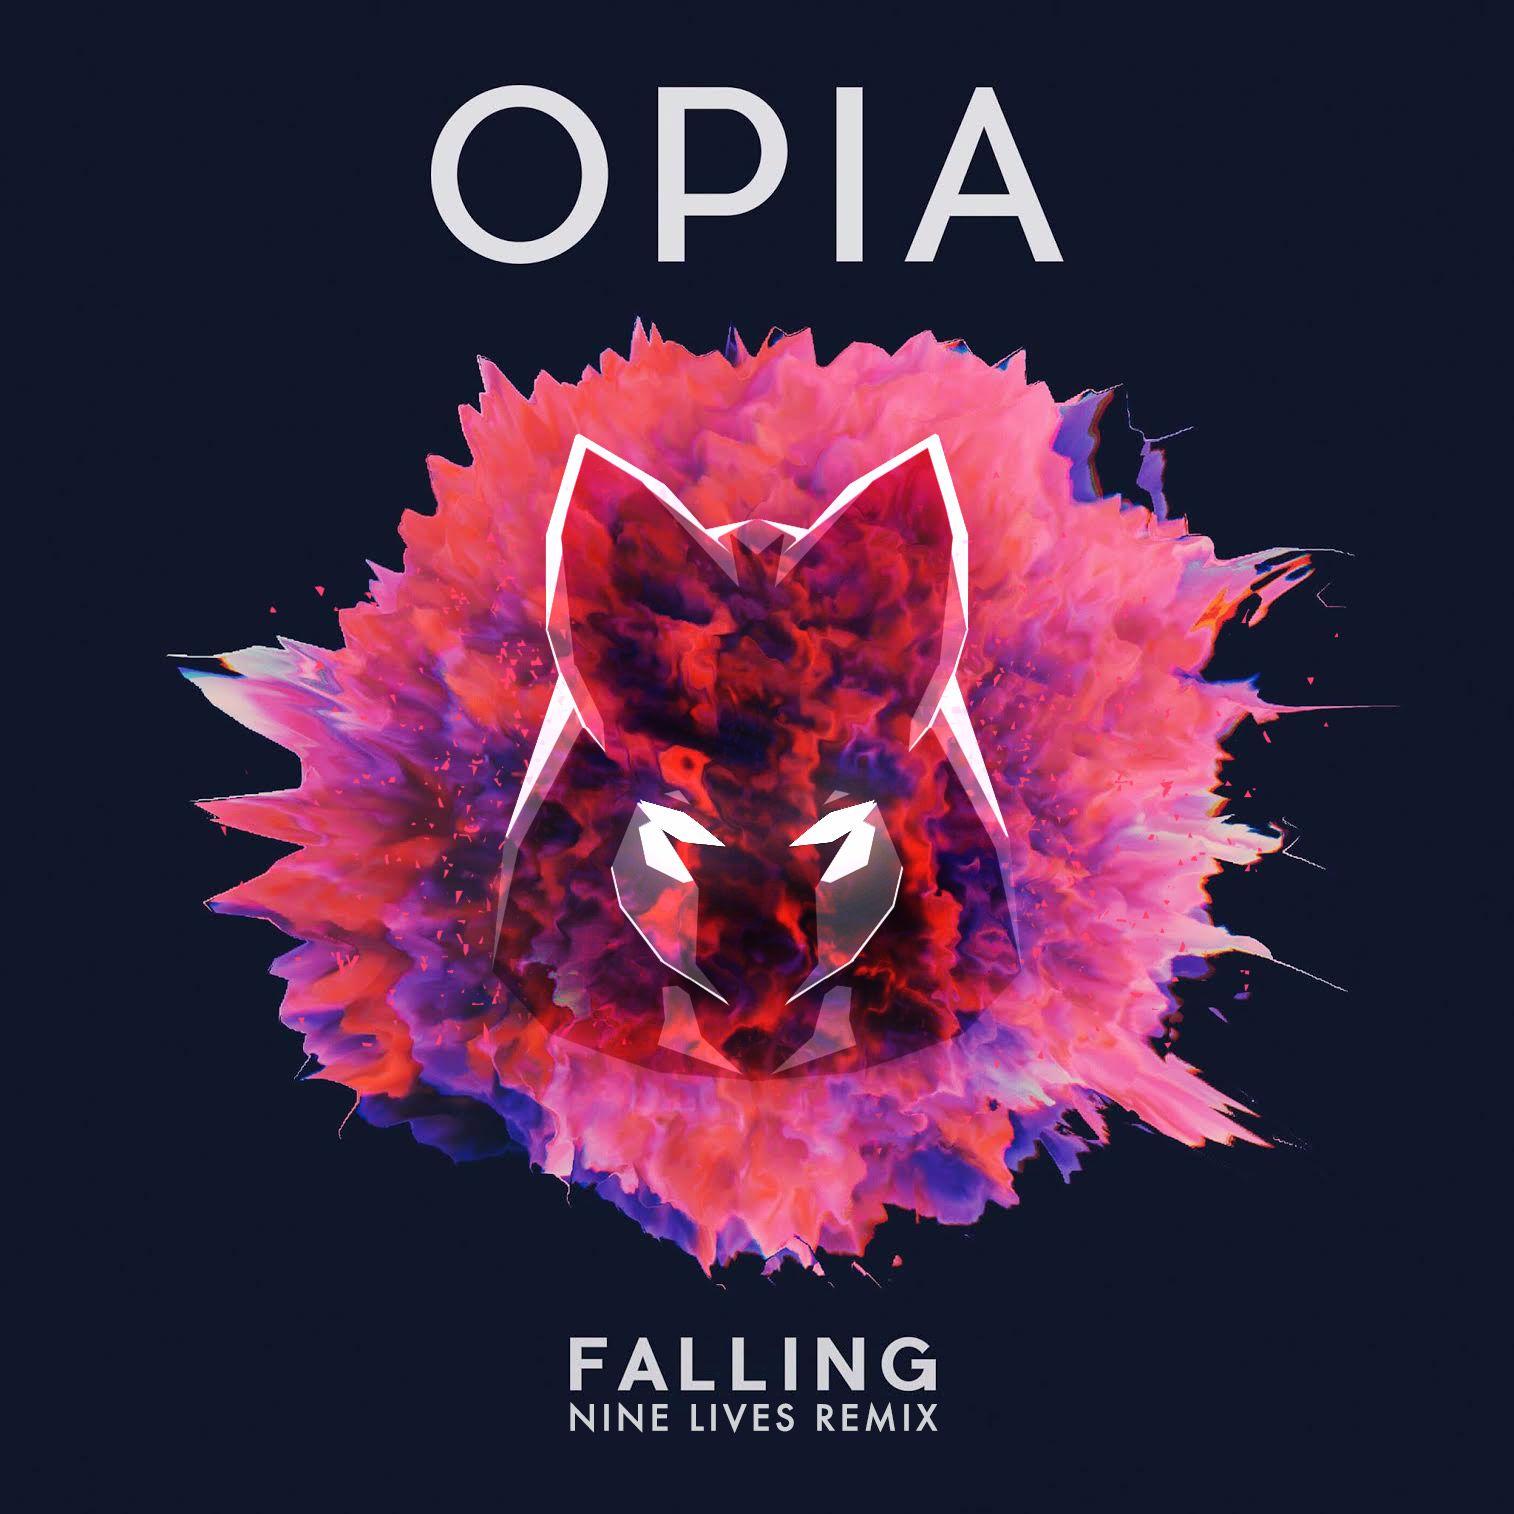 دانلود آهنگ opia-falling-nine-lives